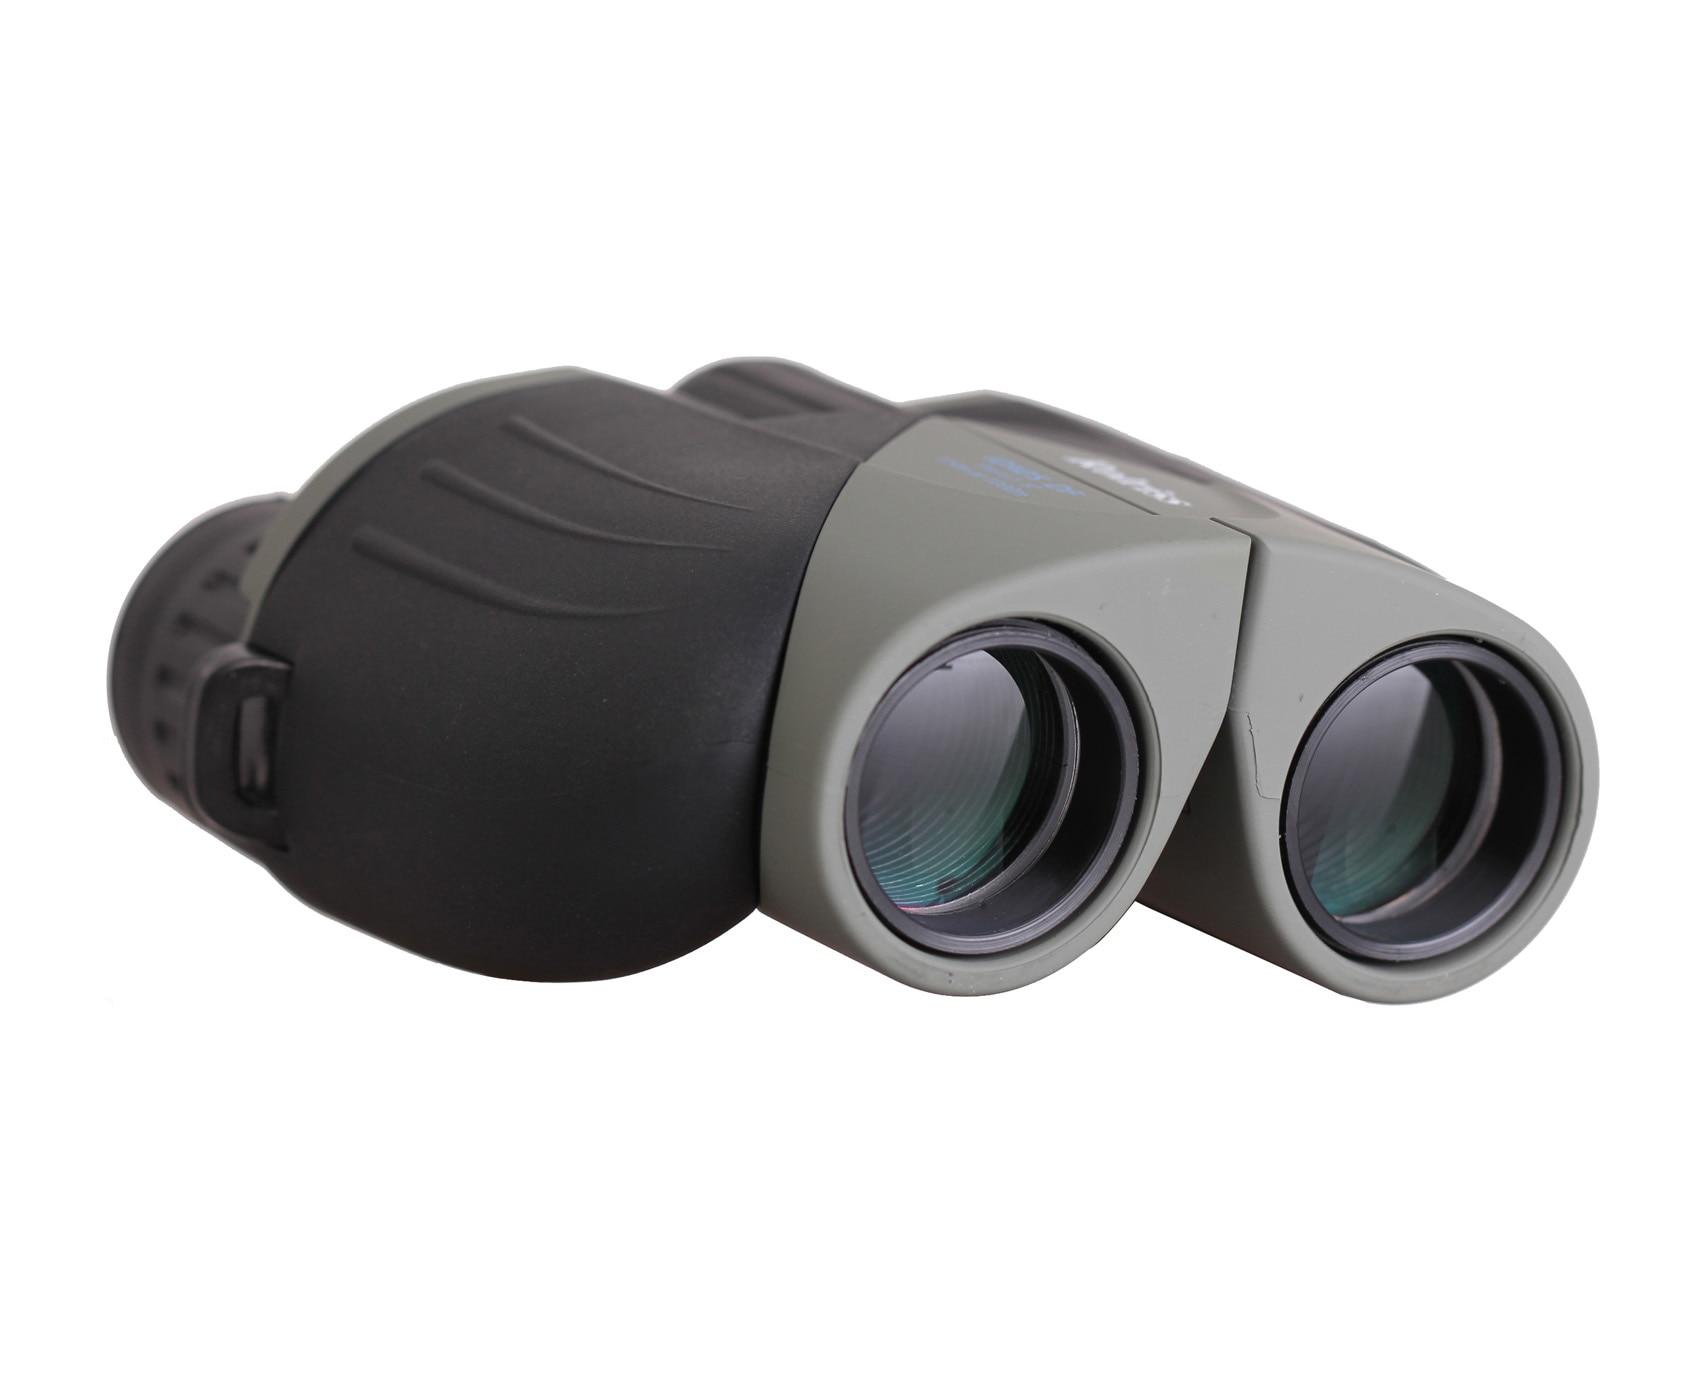 Fernglas Mit Zoom Und Entfernungsmesser : Fernglas infrarot mit entfernungsmesser und nachtsicht